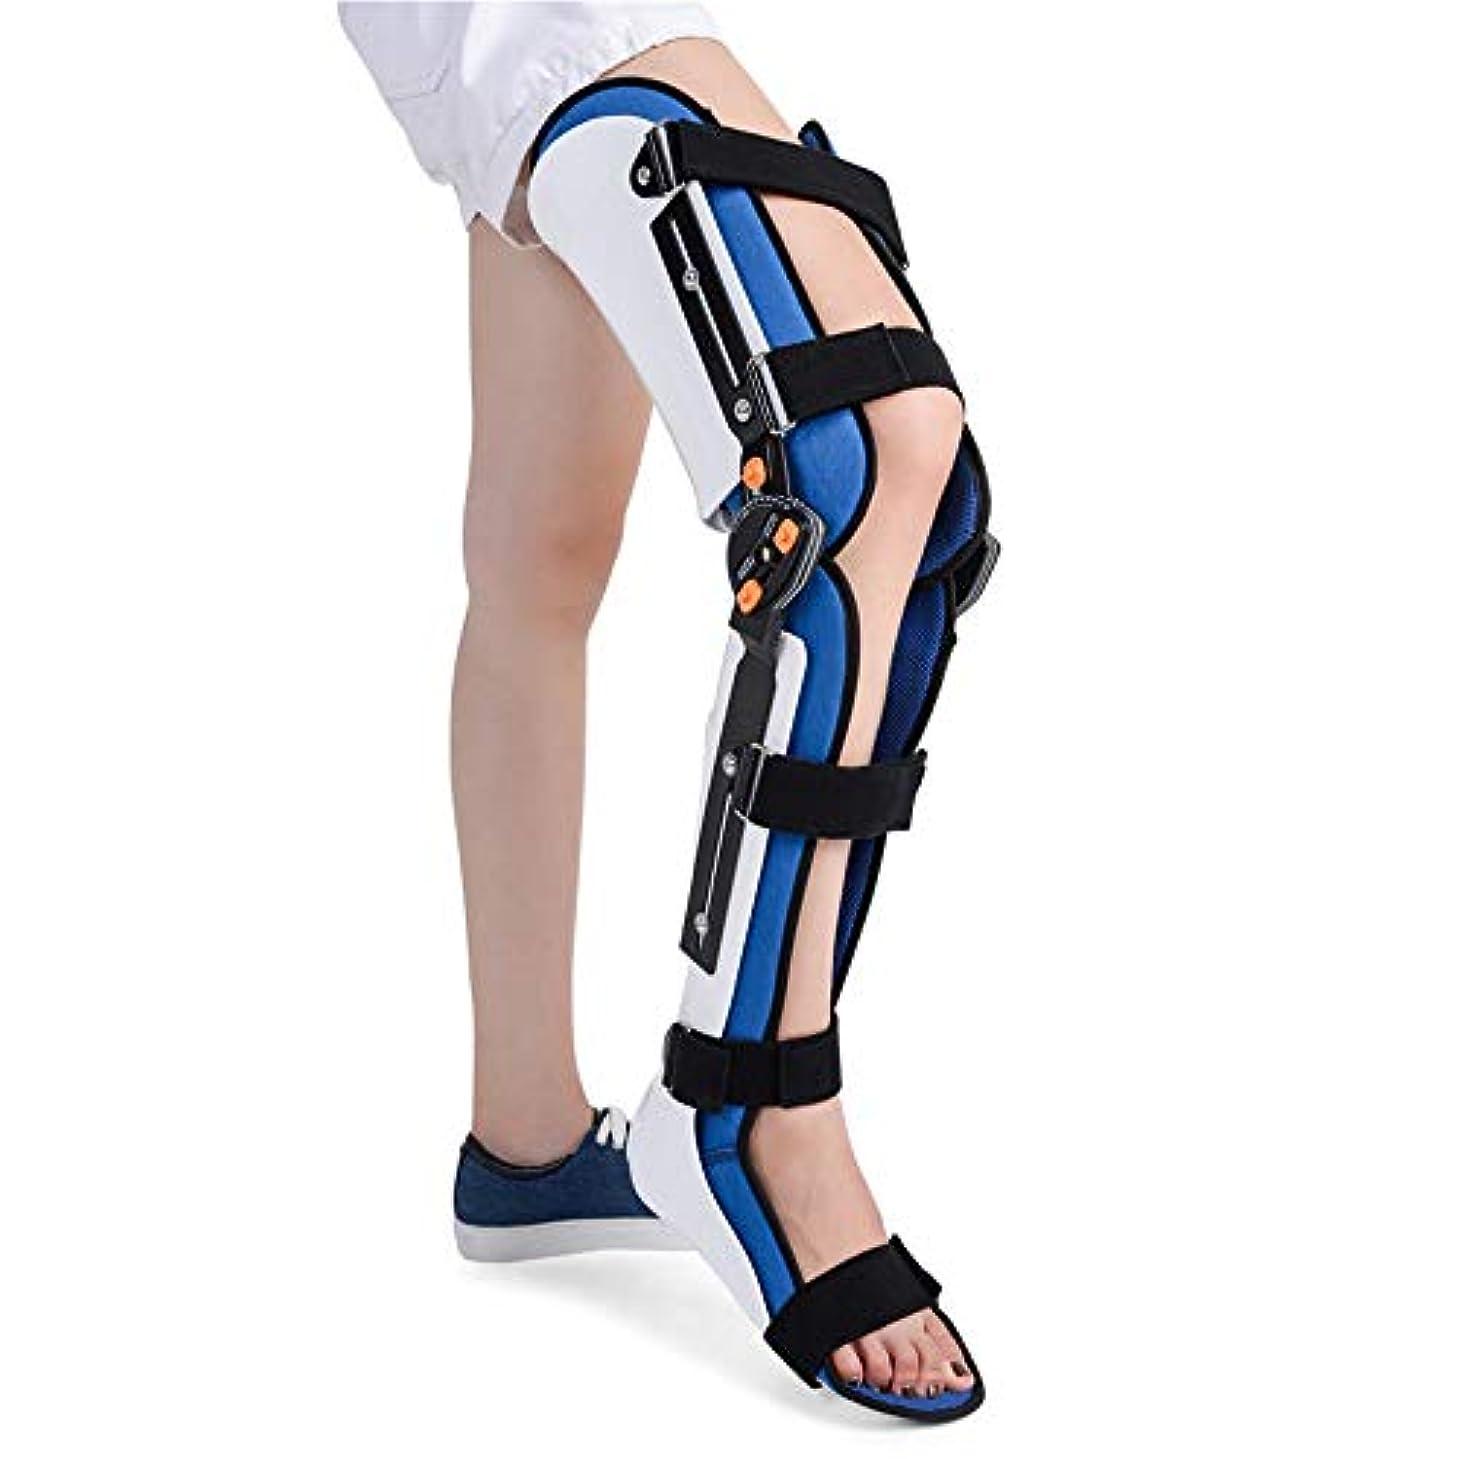 解凍する、雪解け、霜解けできればすることになっている膝足首足用装具、調節可能な装具膝関節補正器サポート下肢ブレースユニバーサル